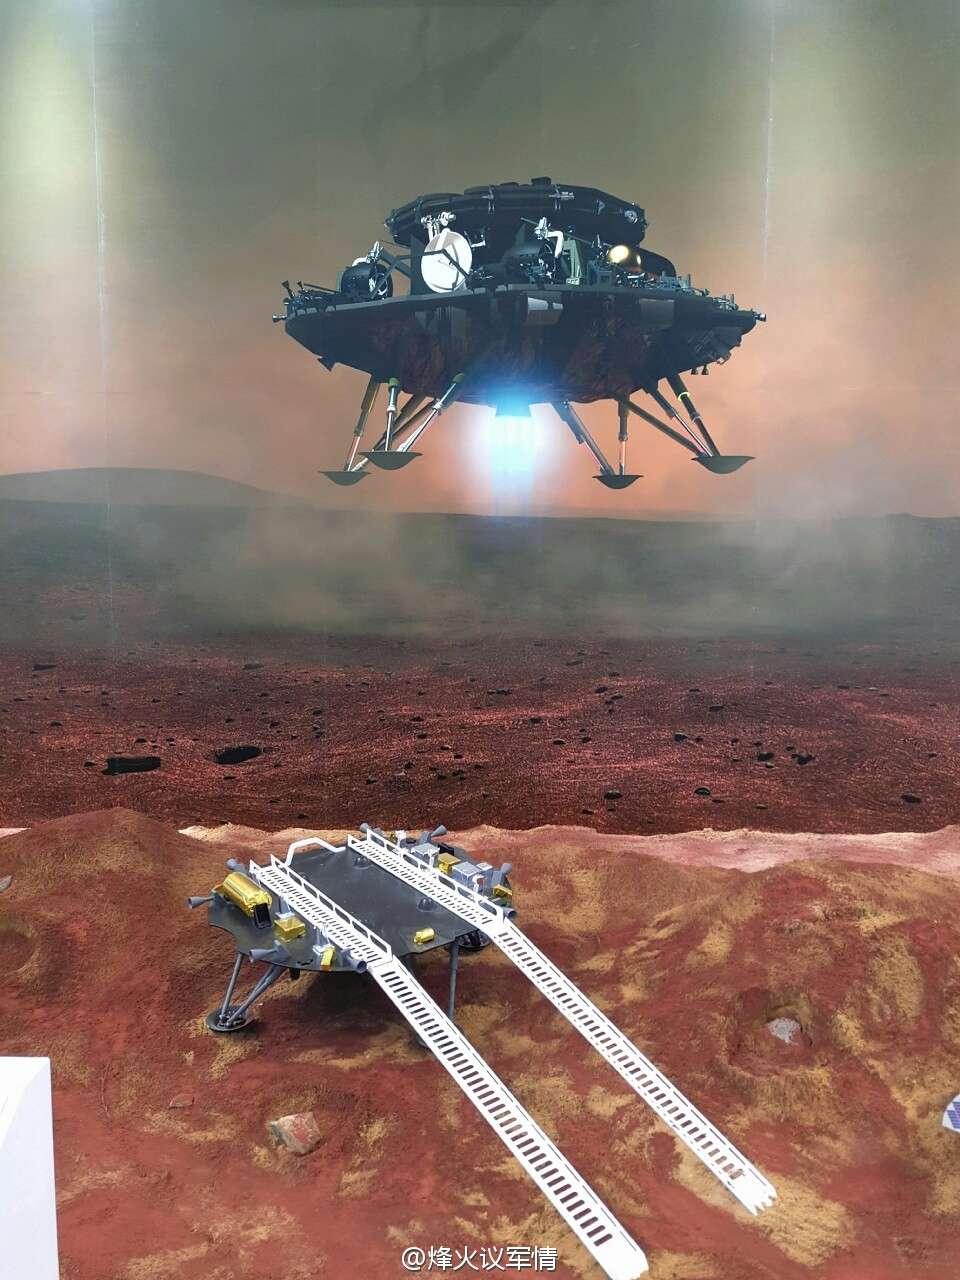 [Chine] Préparation aux programmes martiens - Page 3 Milit112